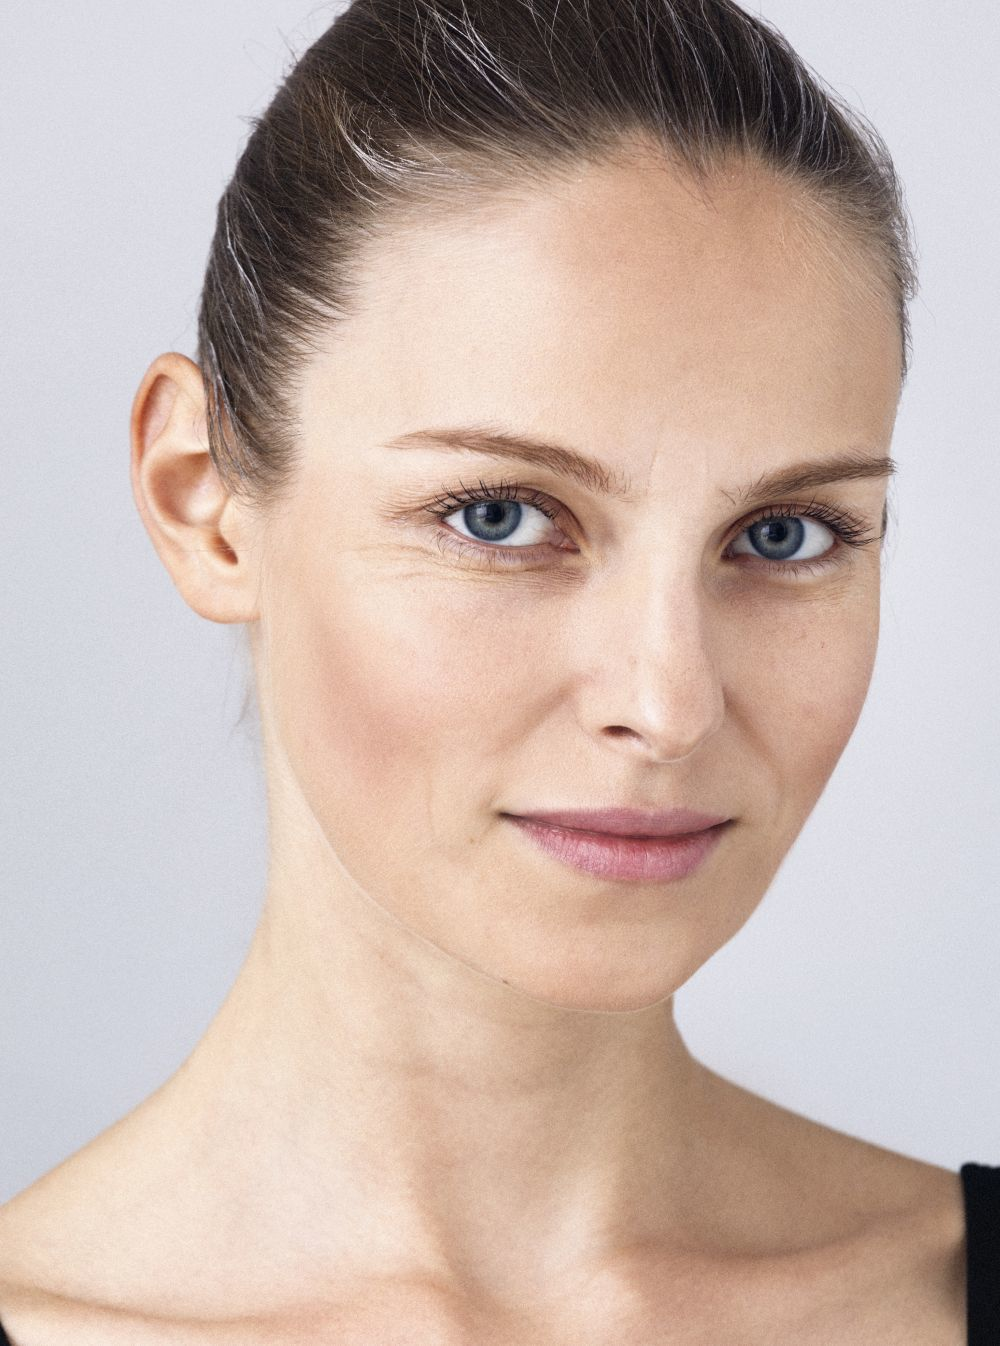 cómo cuidar tu piel a partir de los 45 años el manual definitivo